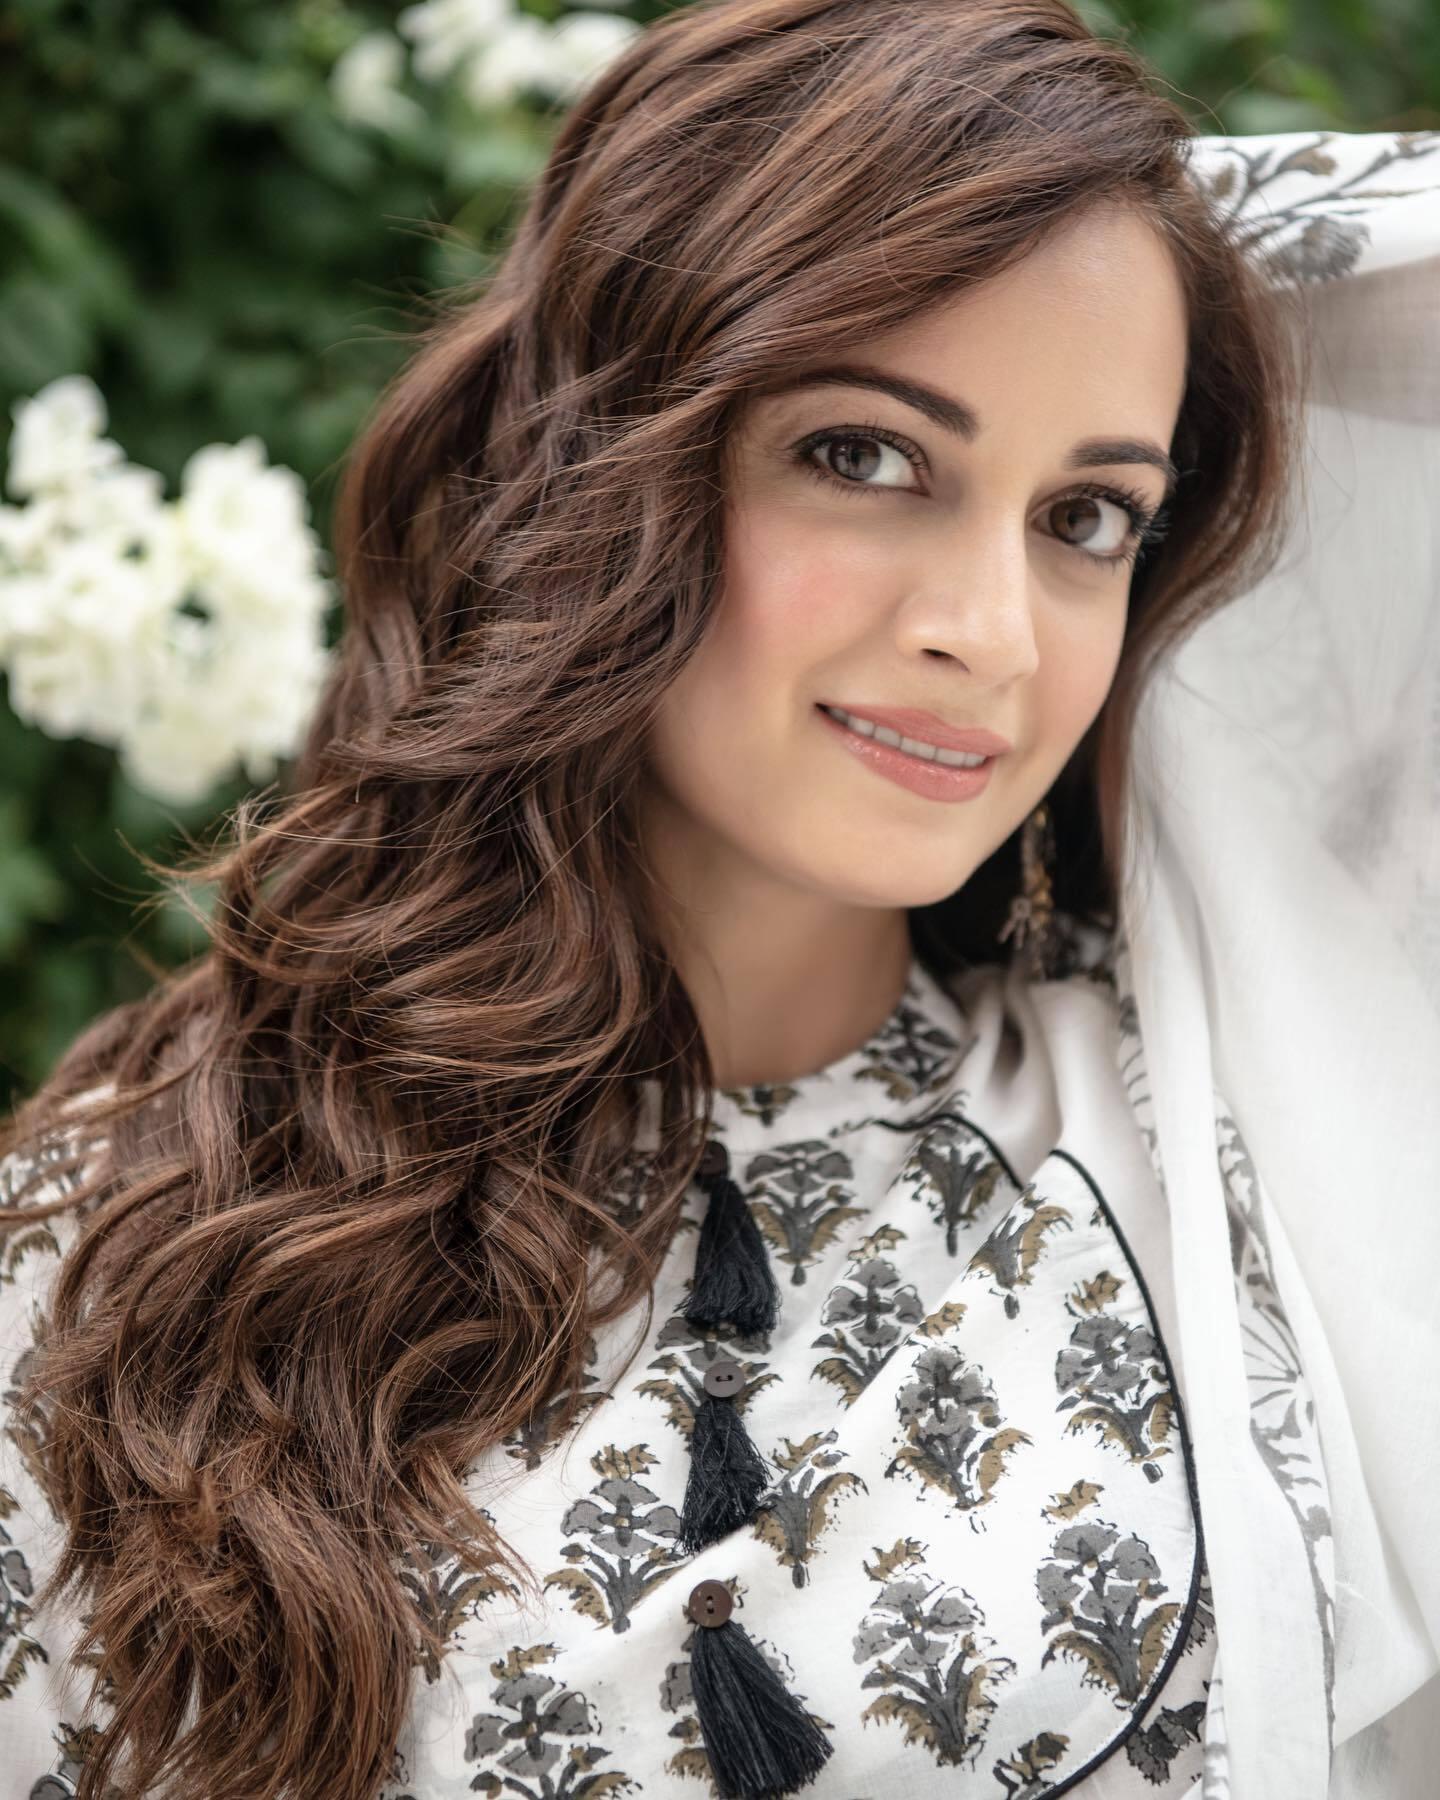 बहुत खूबसूरत हैं दीया मिर्जा, तस्वीरें दिल चुरा लेंगी